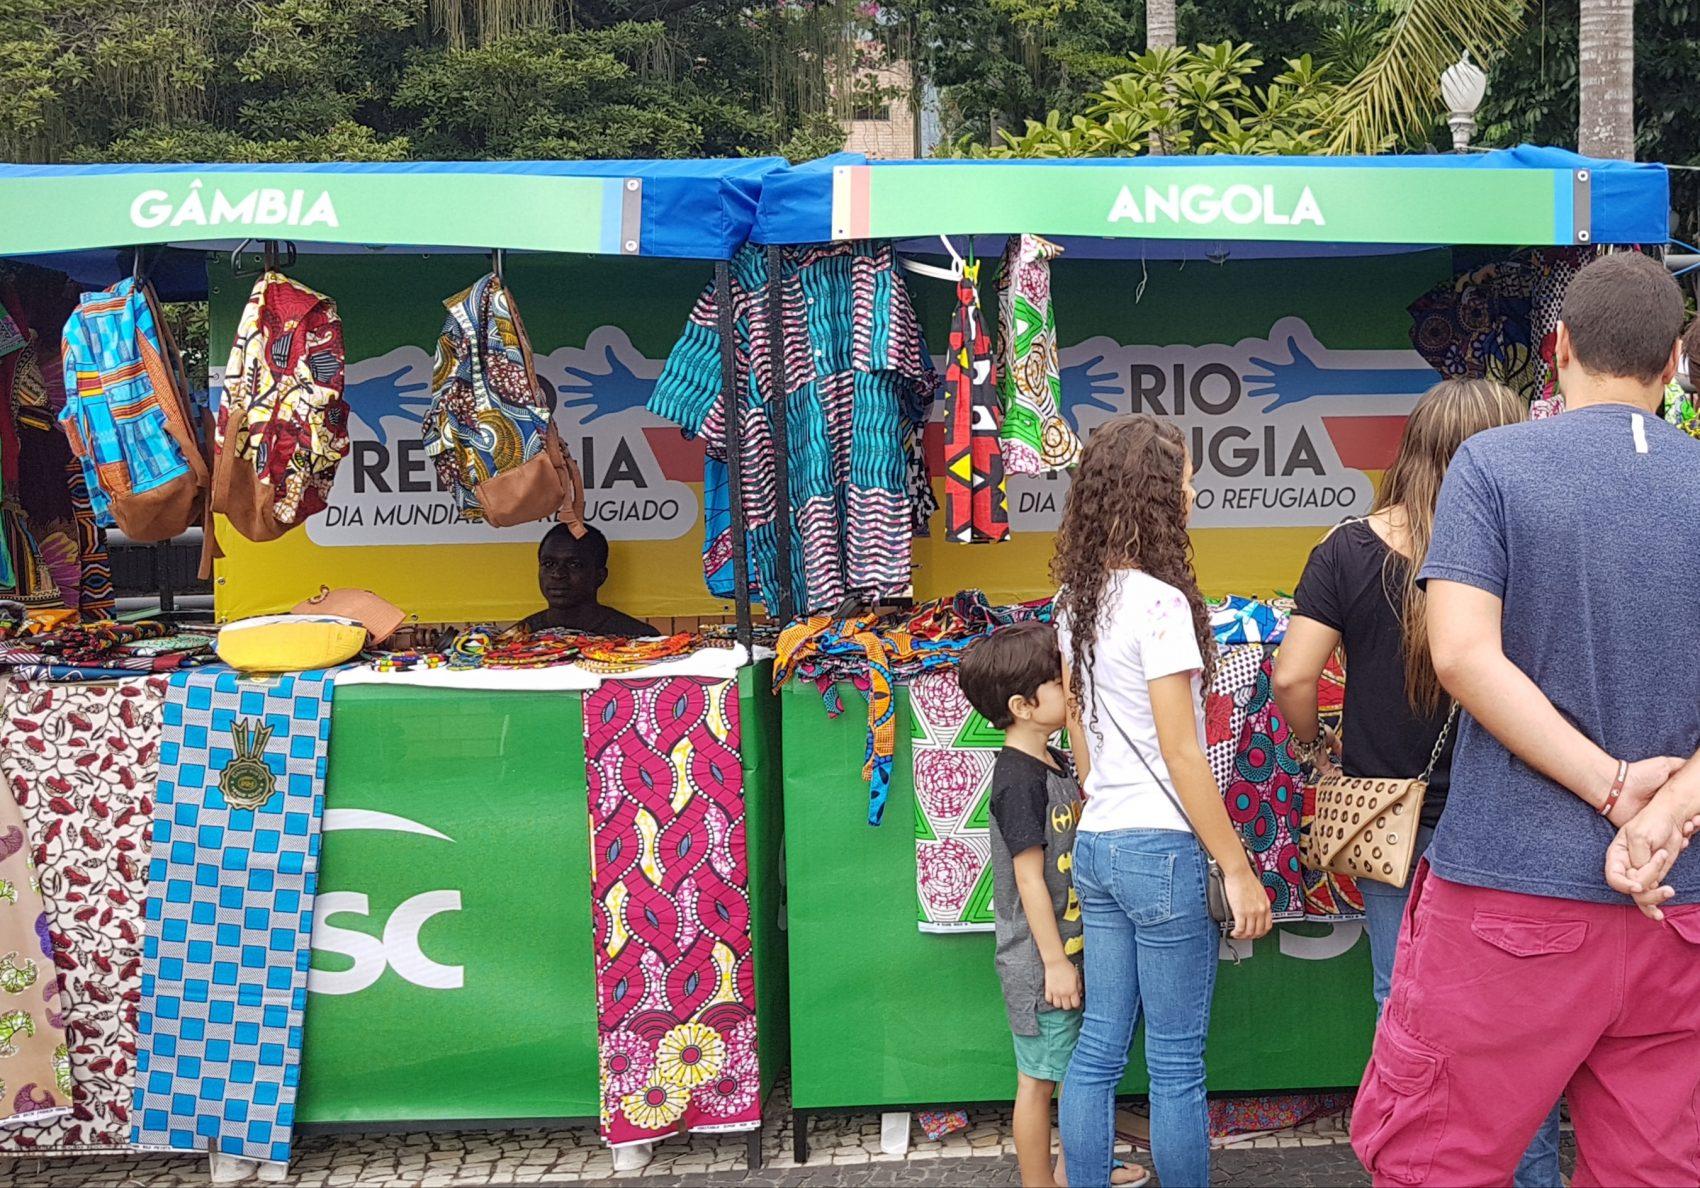 Barraca de Angola - ao lado de Gâmbia - no Festival Refugia Rio; angolanos começaram a chegar na cidade há mais de 40 anos, fugindo de guerra civil (Foto: Oscar Valporto)